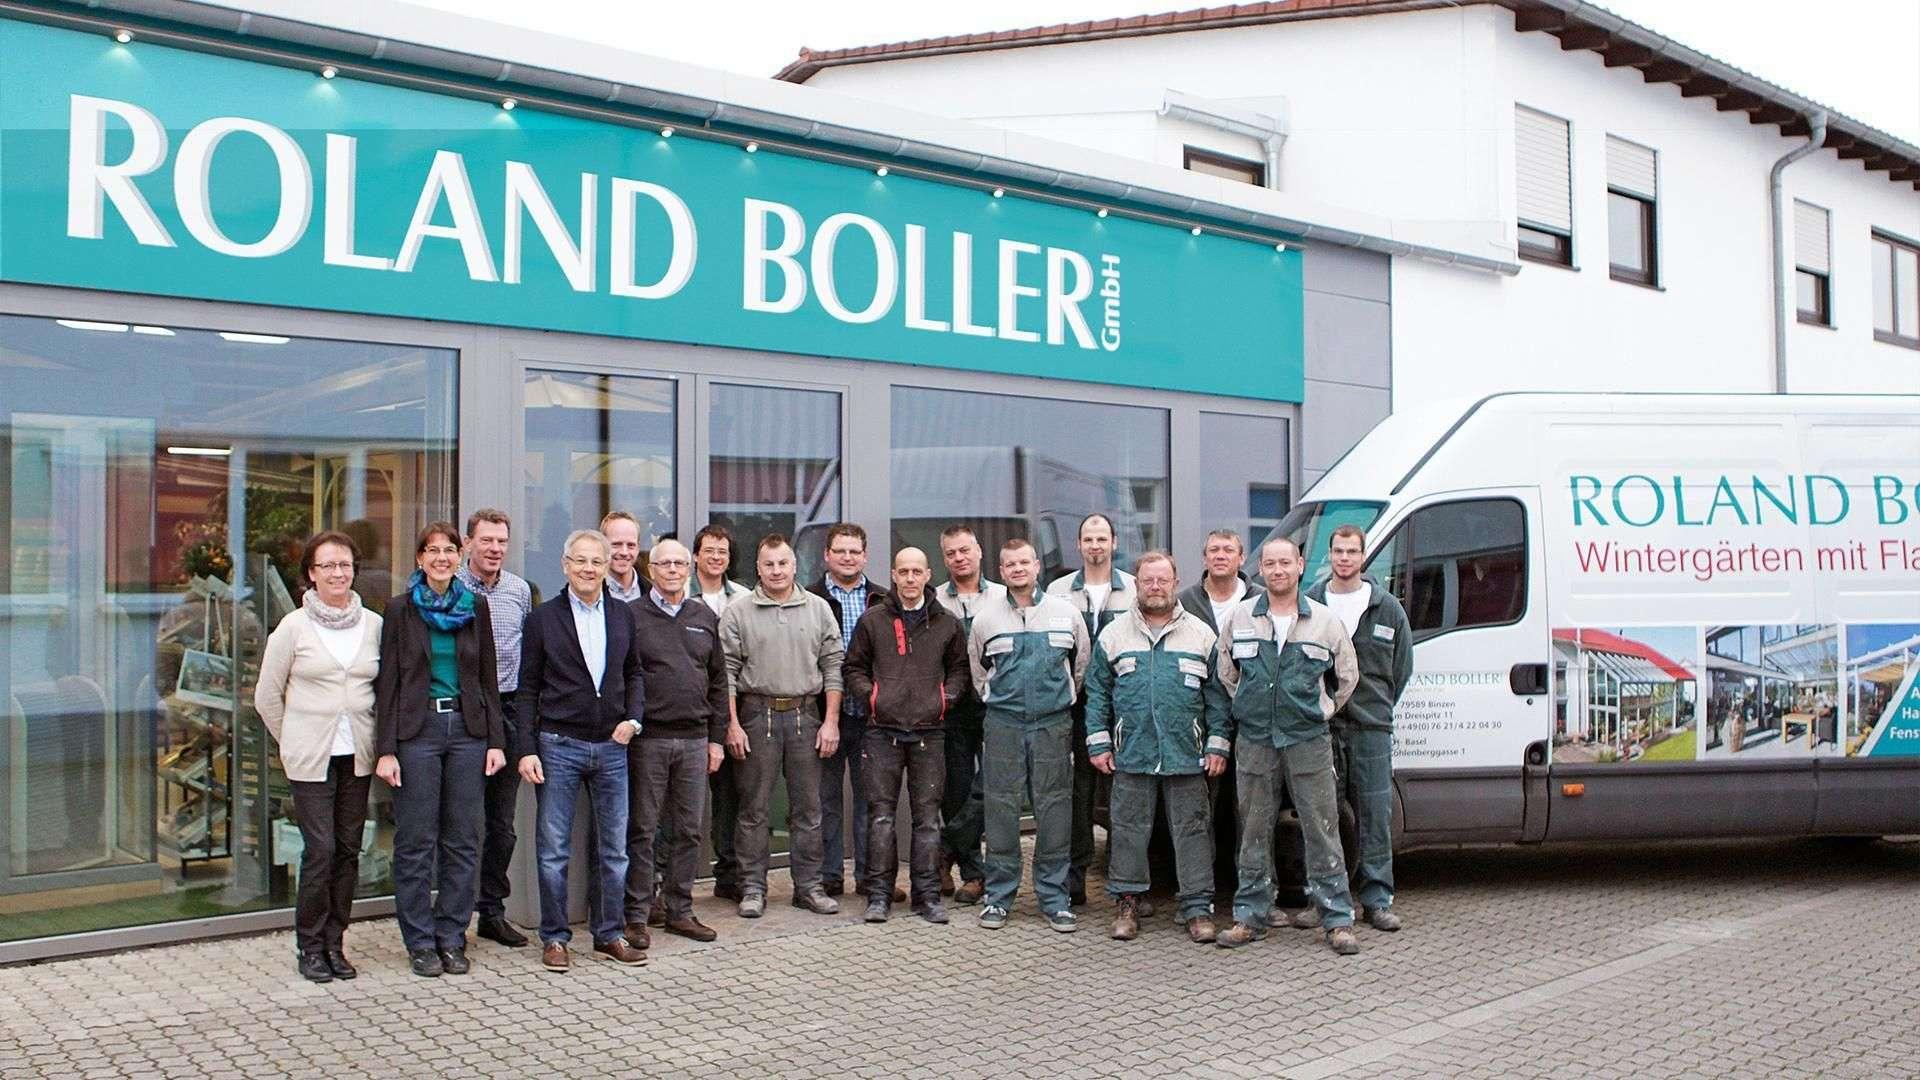 Mitarbeiter der Firma Boller vor der Ausstellung von Boller in Binzen